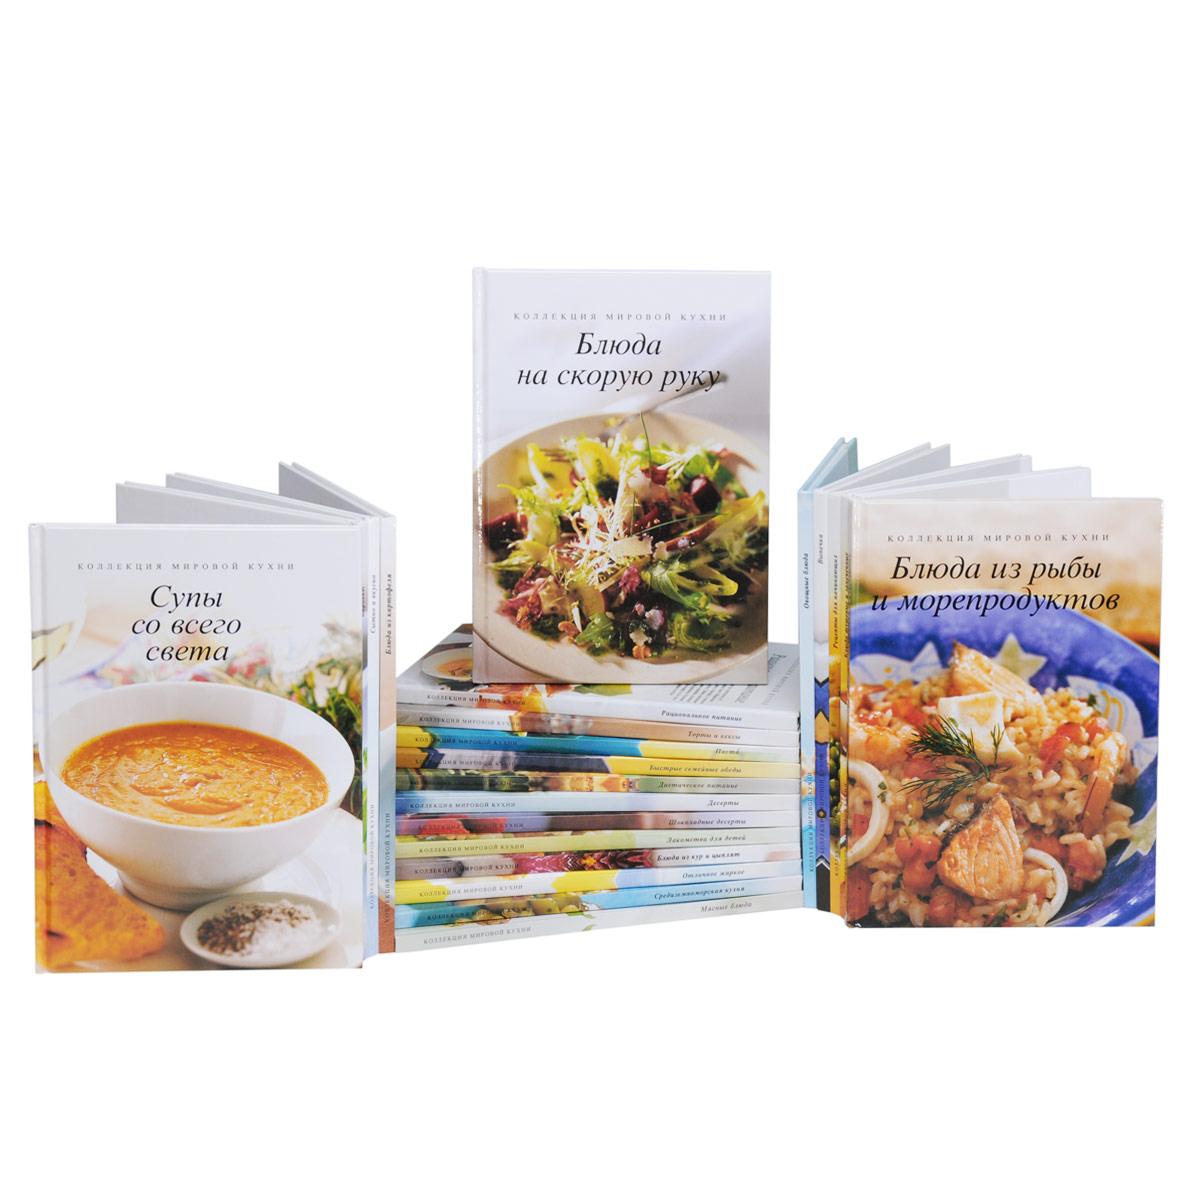 Коллекция мировой кухни (комплект из 22 книг)